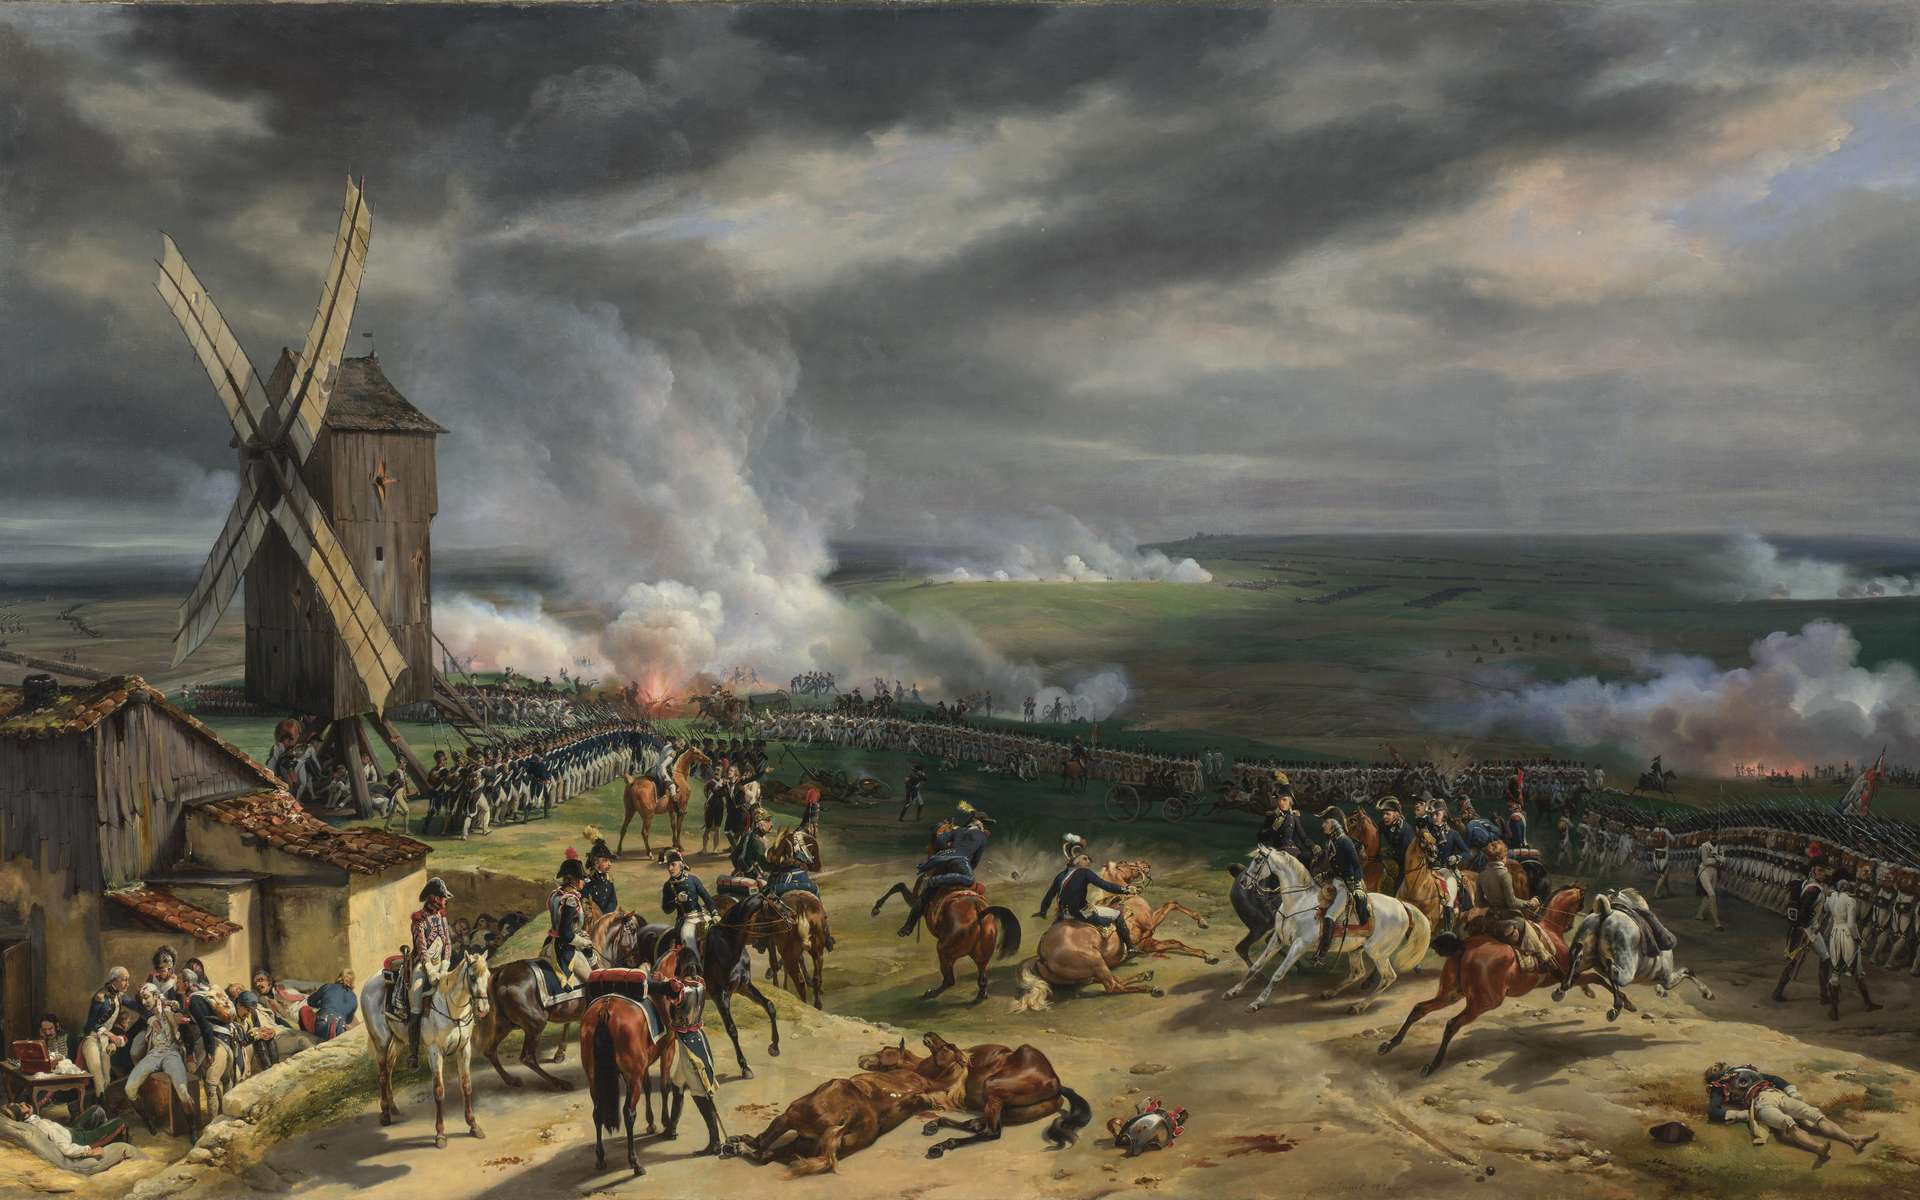 La bataille de Valmy, le 20 septembre 1792. © Peinture d'Horace Vernet, Wikimedia Commons, DP